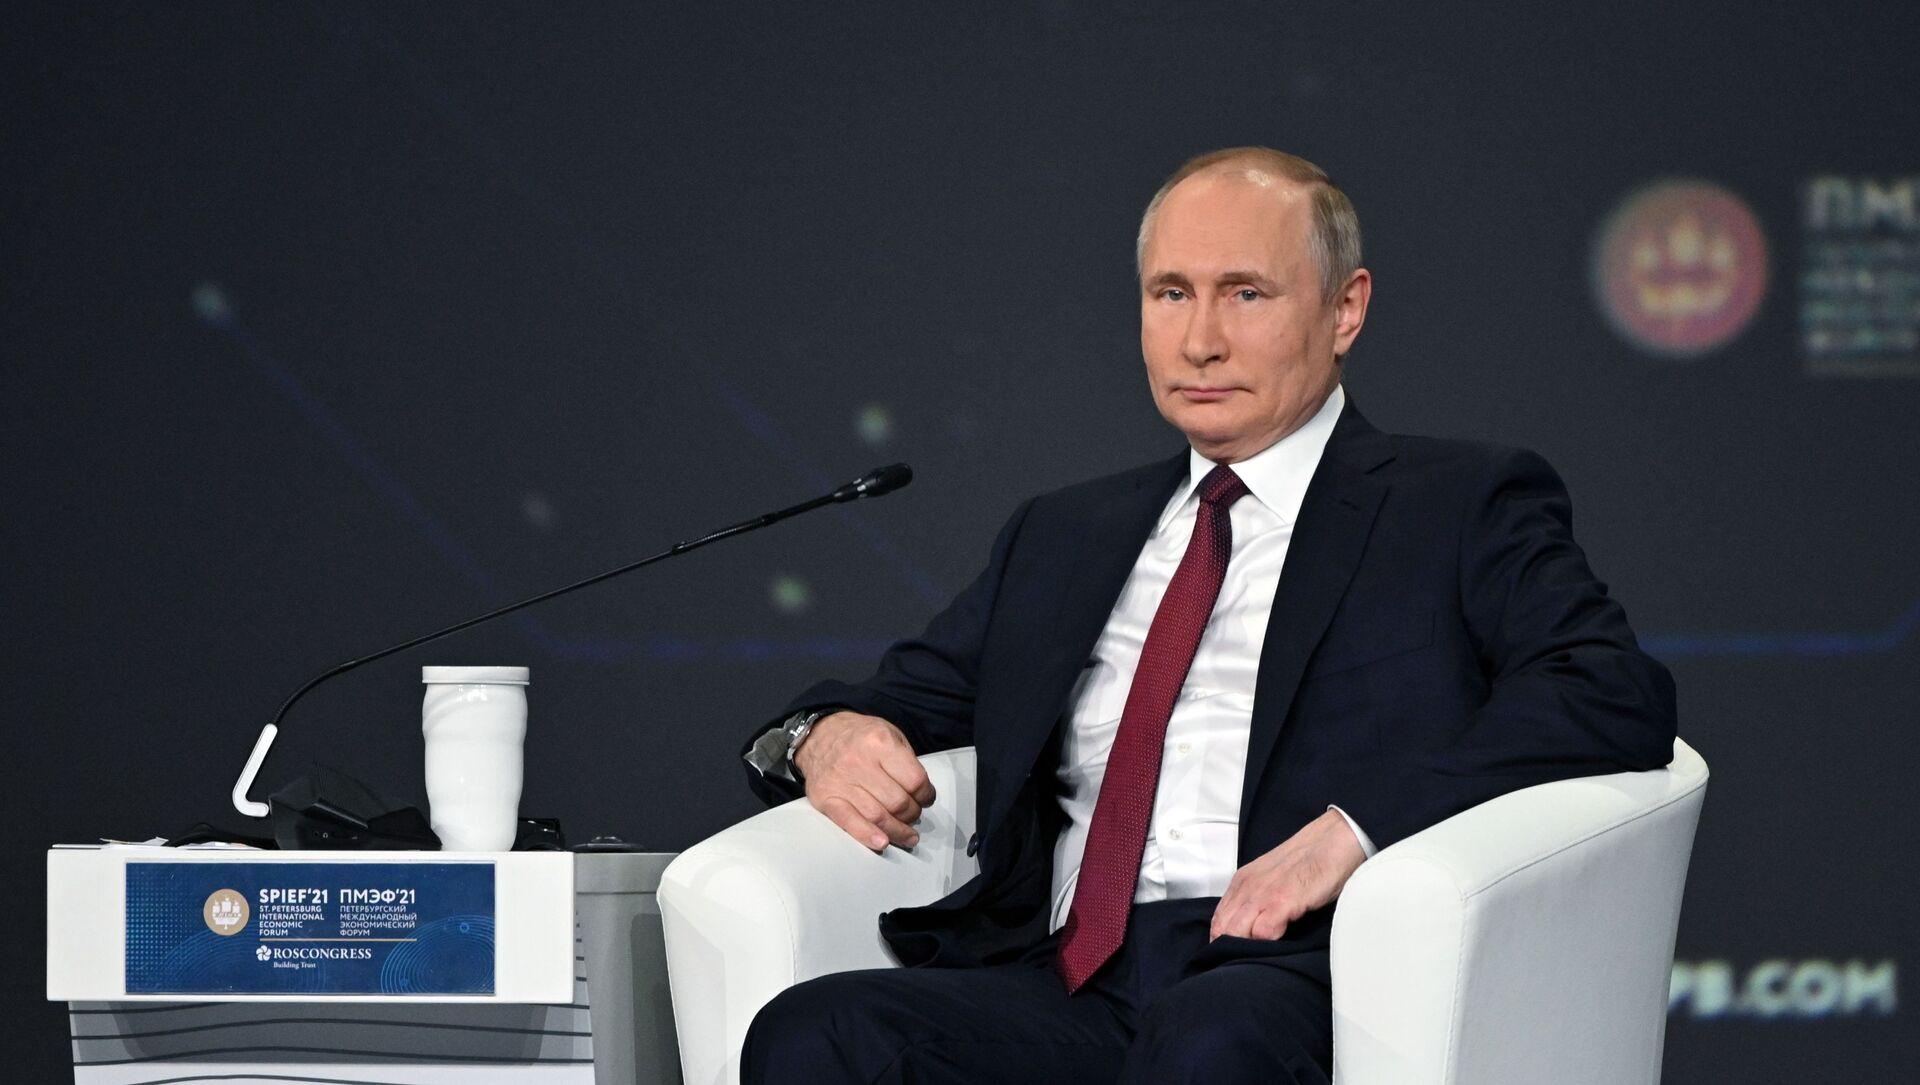 Председник Русије Владимир Путин на Међународном економском форуму у Санкт Петербургу - Sputnik Србија, 1920, 04.06.2021